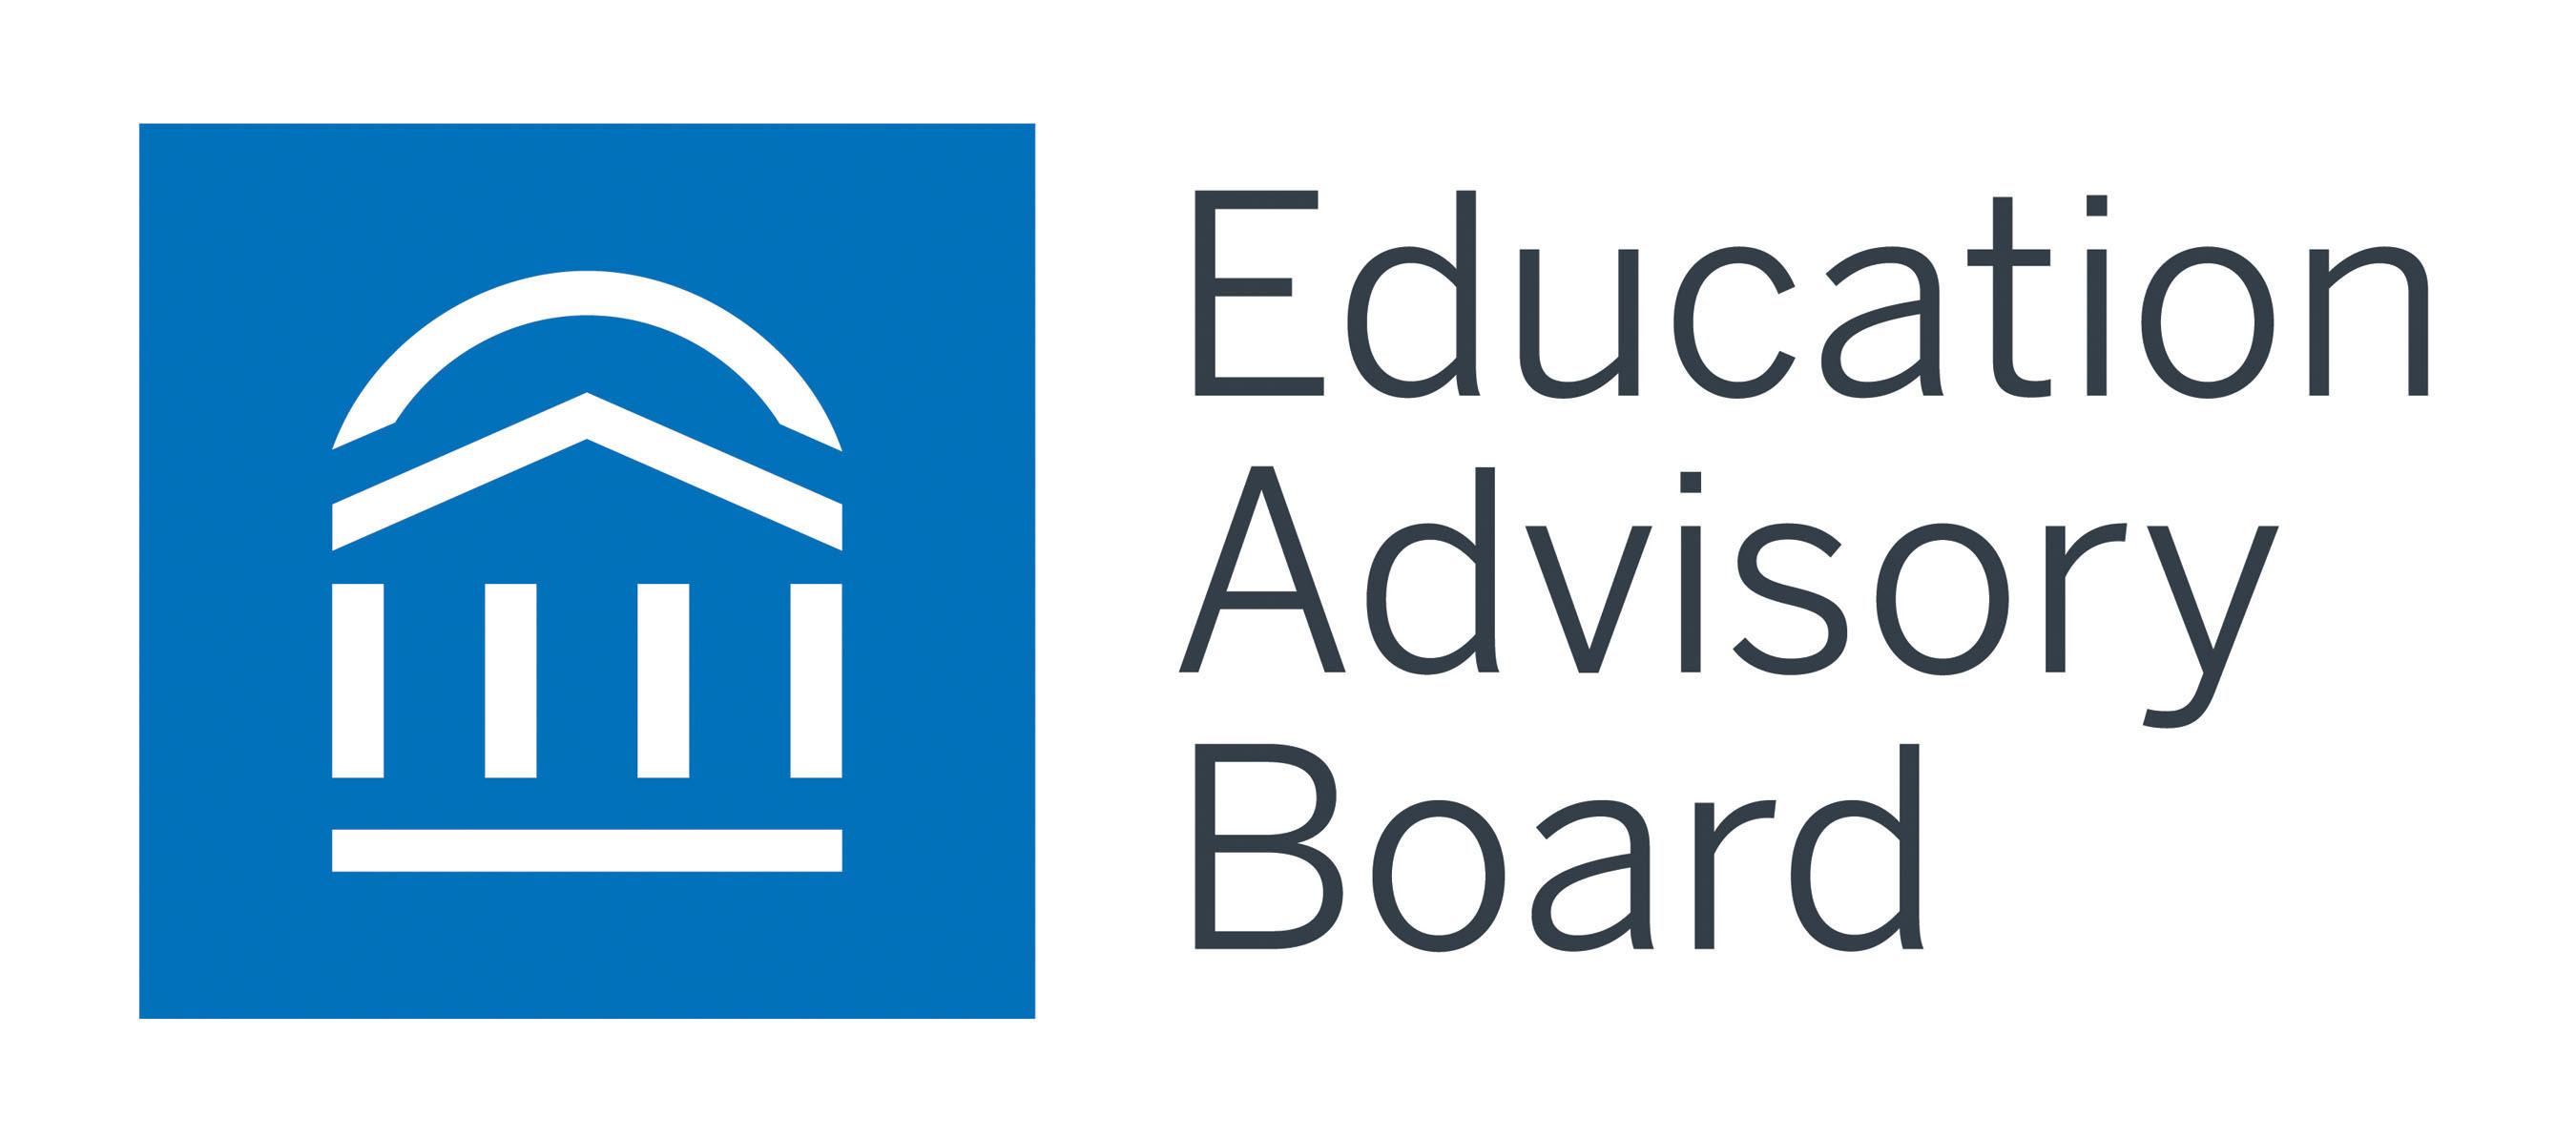 The Education Advisory Board.